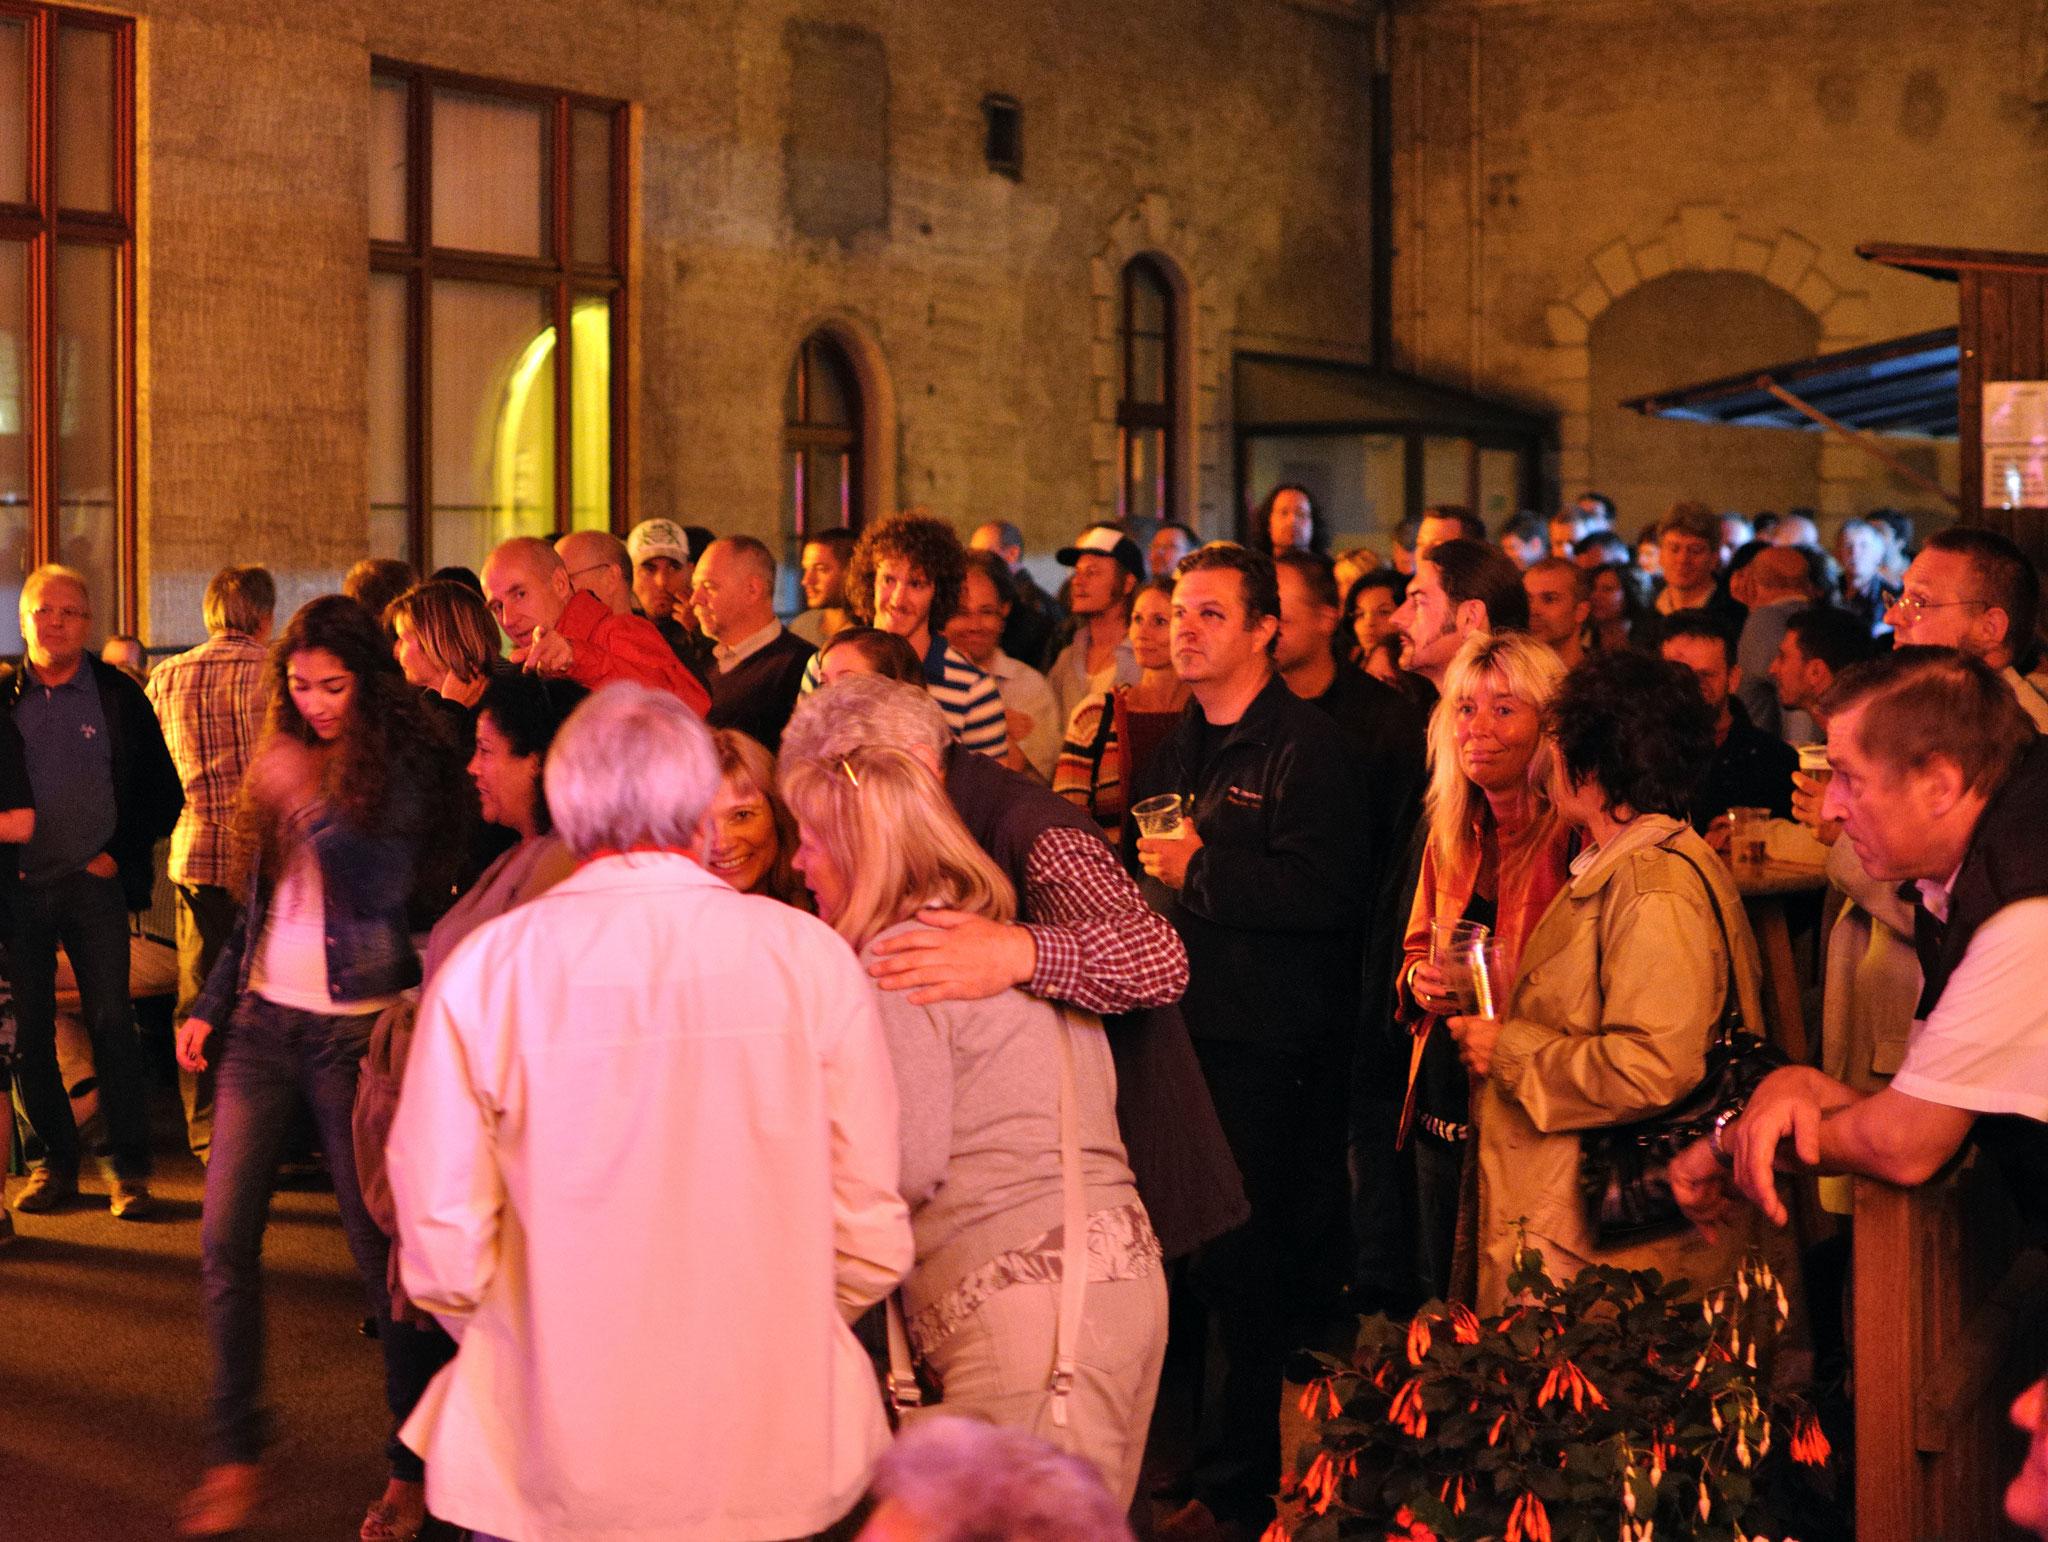 Konzerte im Bürgerhof 14.07.11 - Freiwilligen-Zentrum Augsburg - Foto: Martin Schönberger